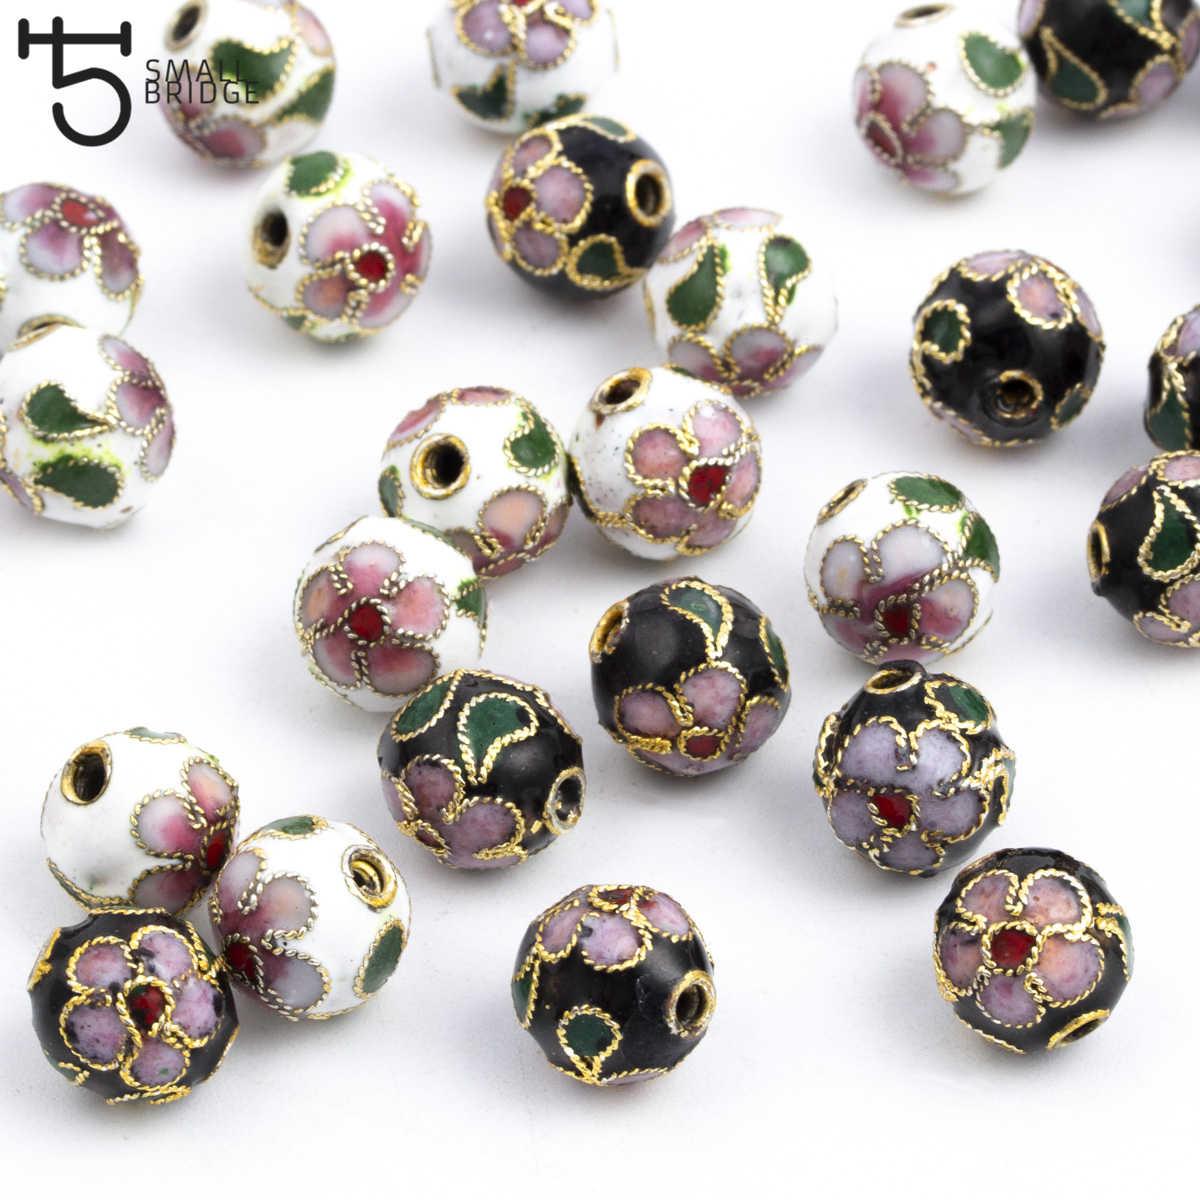 8/10/12mm cobre cuentas de esmalte encantos para fabricación de joyería DIY accesorios para mujer Cloisonne espaciador perlas al por mayor M502